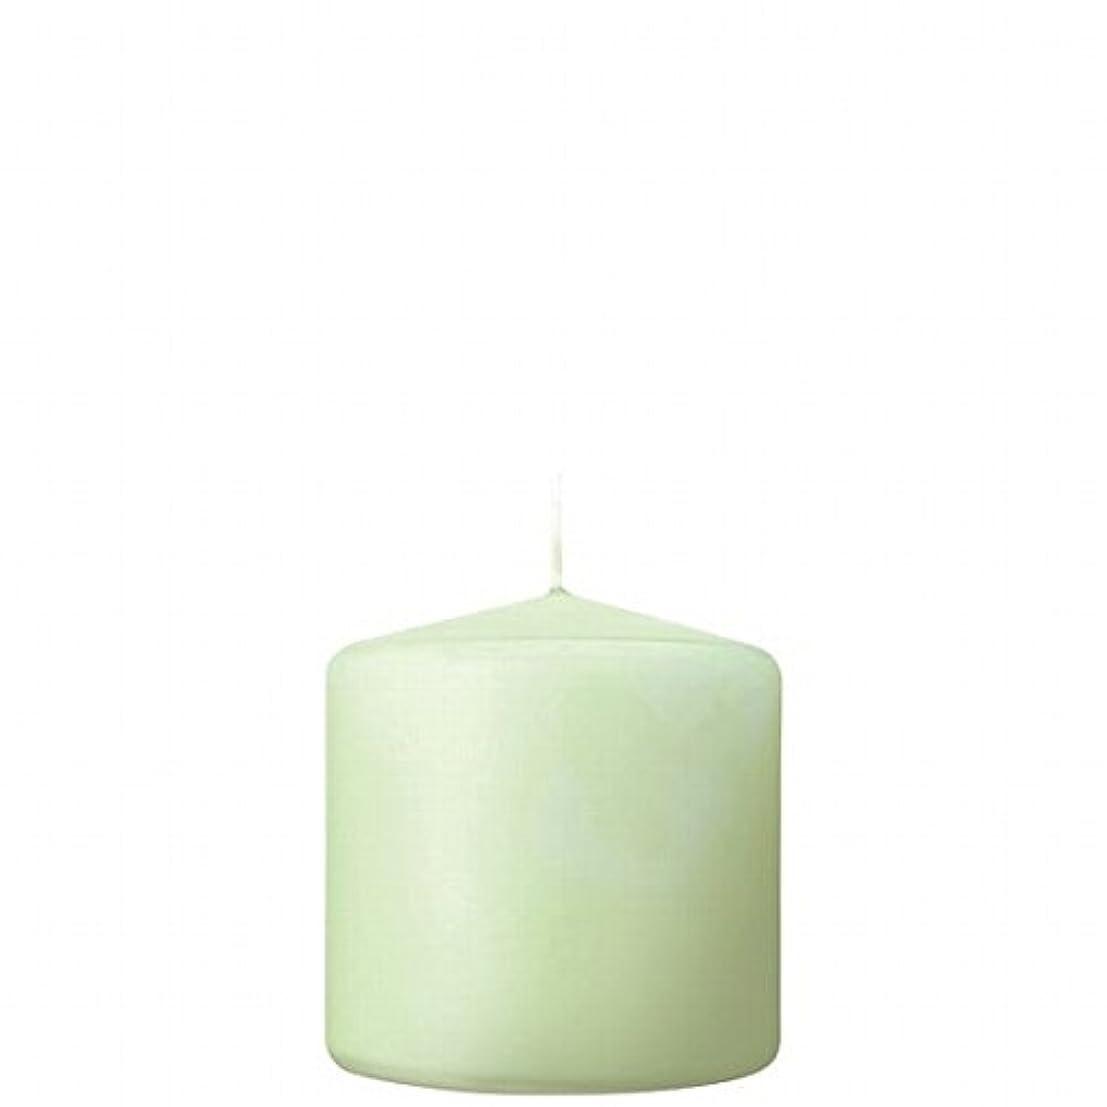 畝間受益者心理学カメヤマキャンドル( kameyama candle ) 3×3ベルトップピラーキャンドル 「 ホワイトグリーン 」